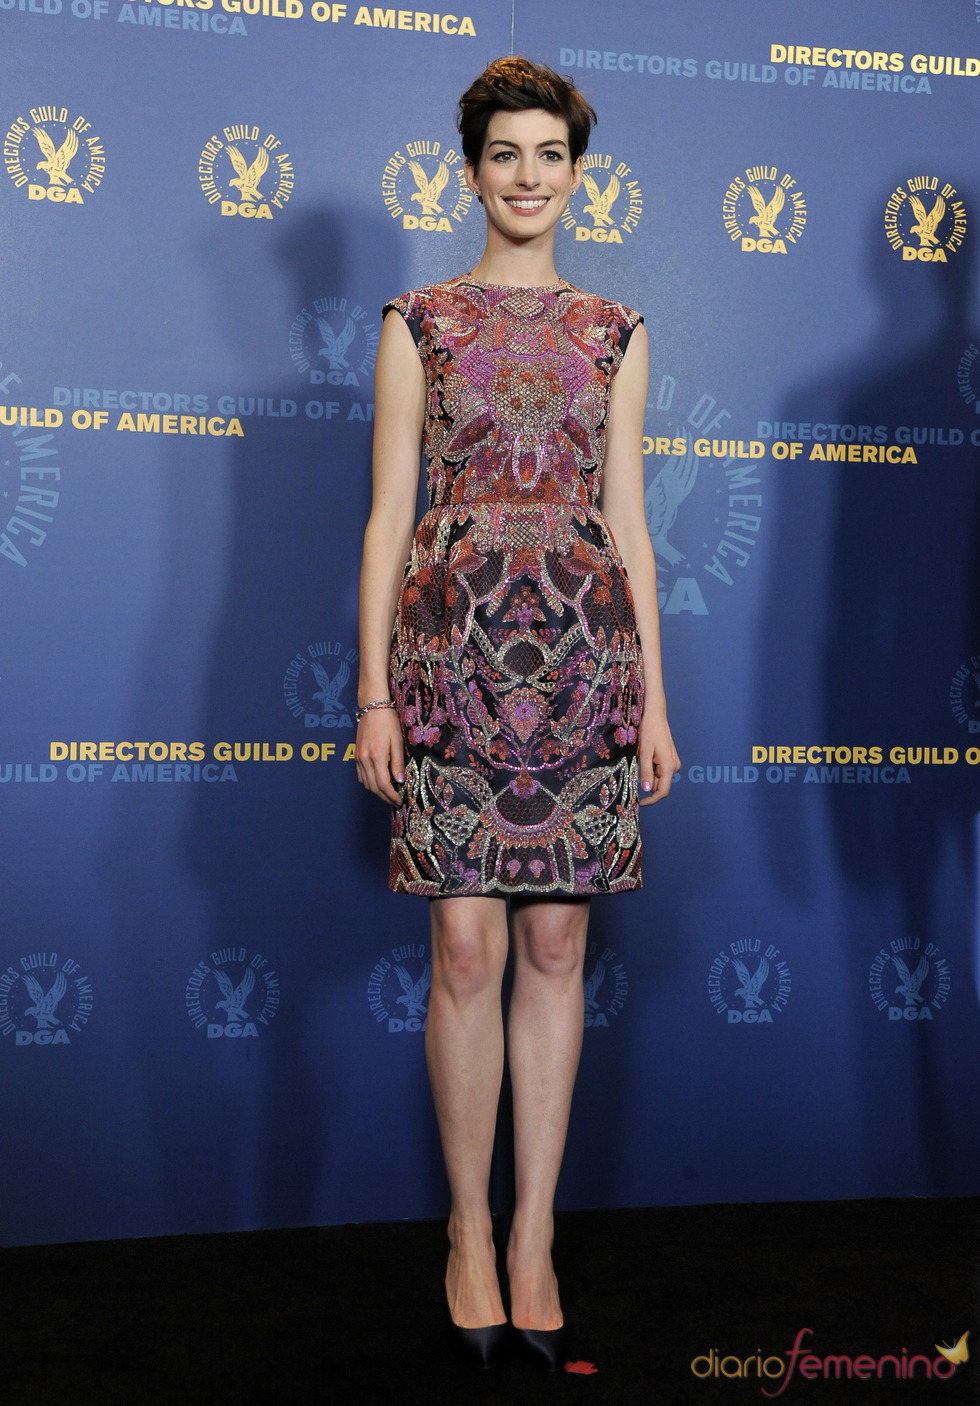 Anne Hathaway en los premios del Sindicato de directores 2013